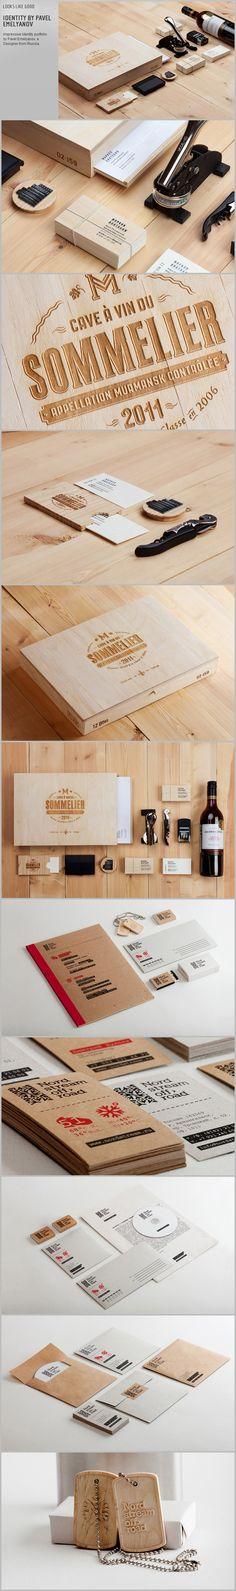 Impressive Identity portfolio by Pavel Emelyanov, a Designer from Russia. | http://lookslikegooddesign.com/graphic-pavel-emelyanov/